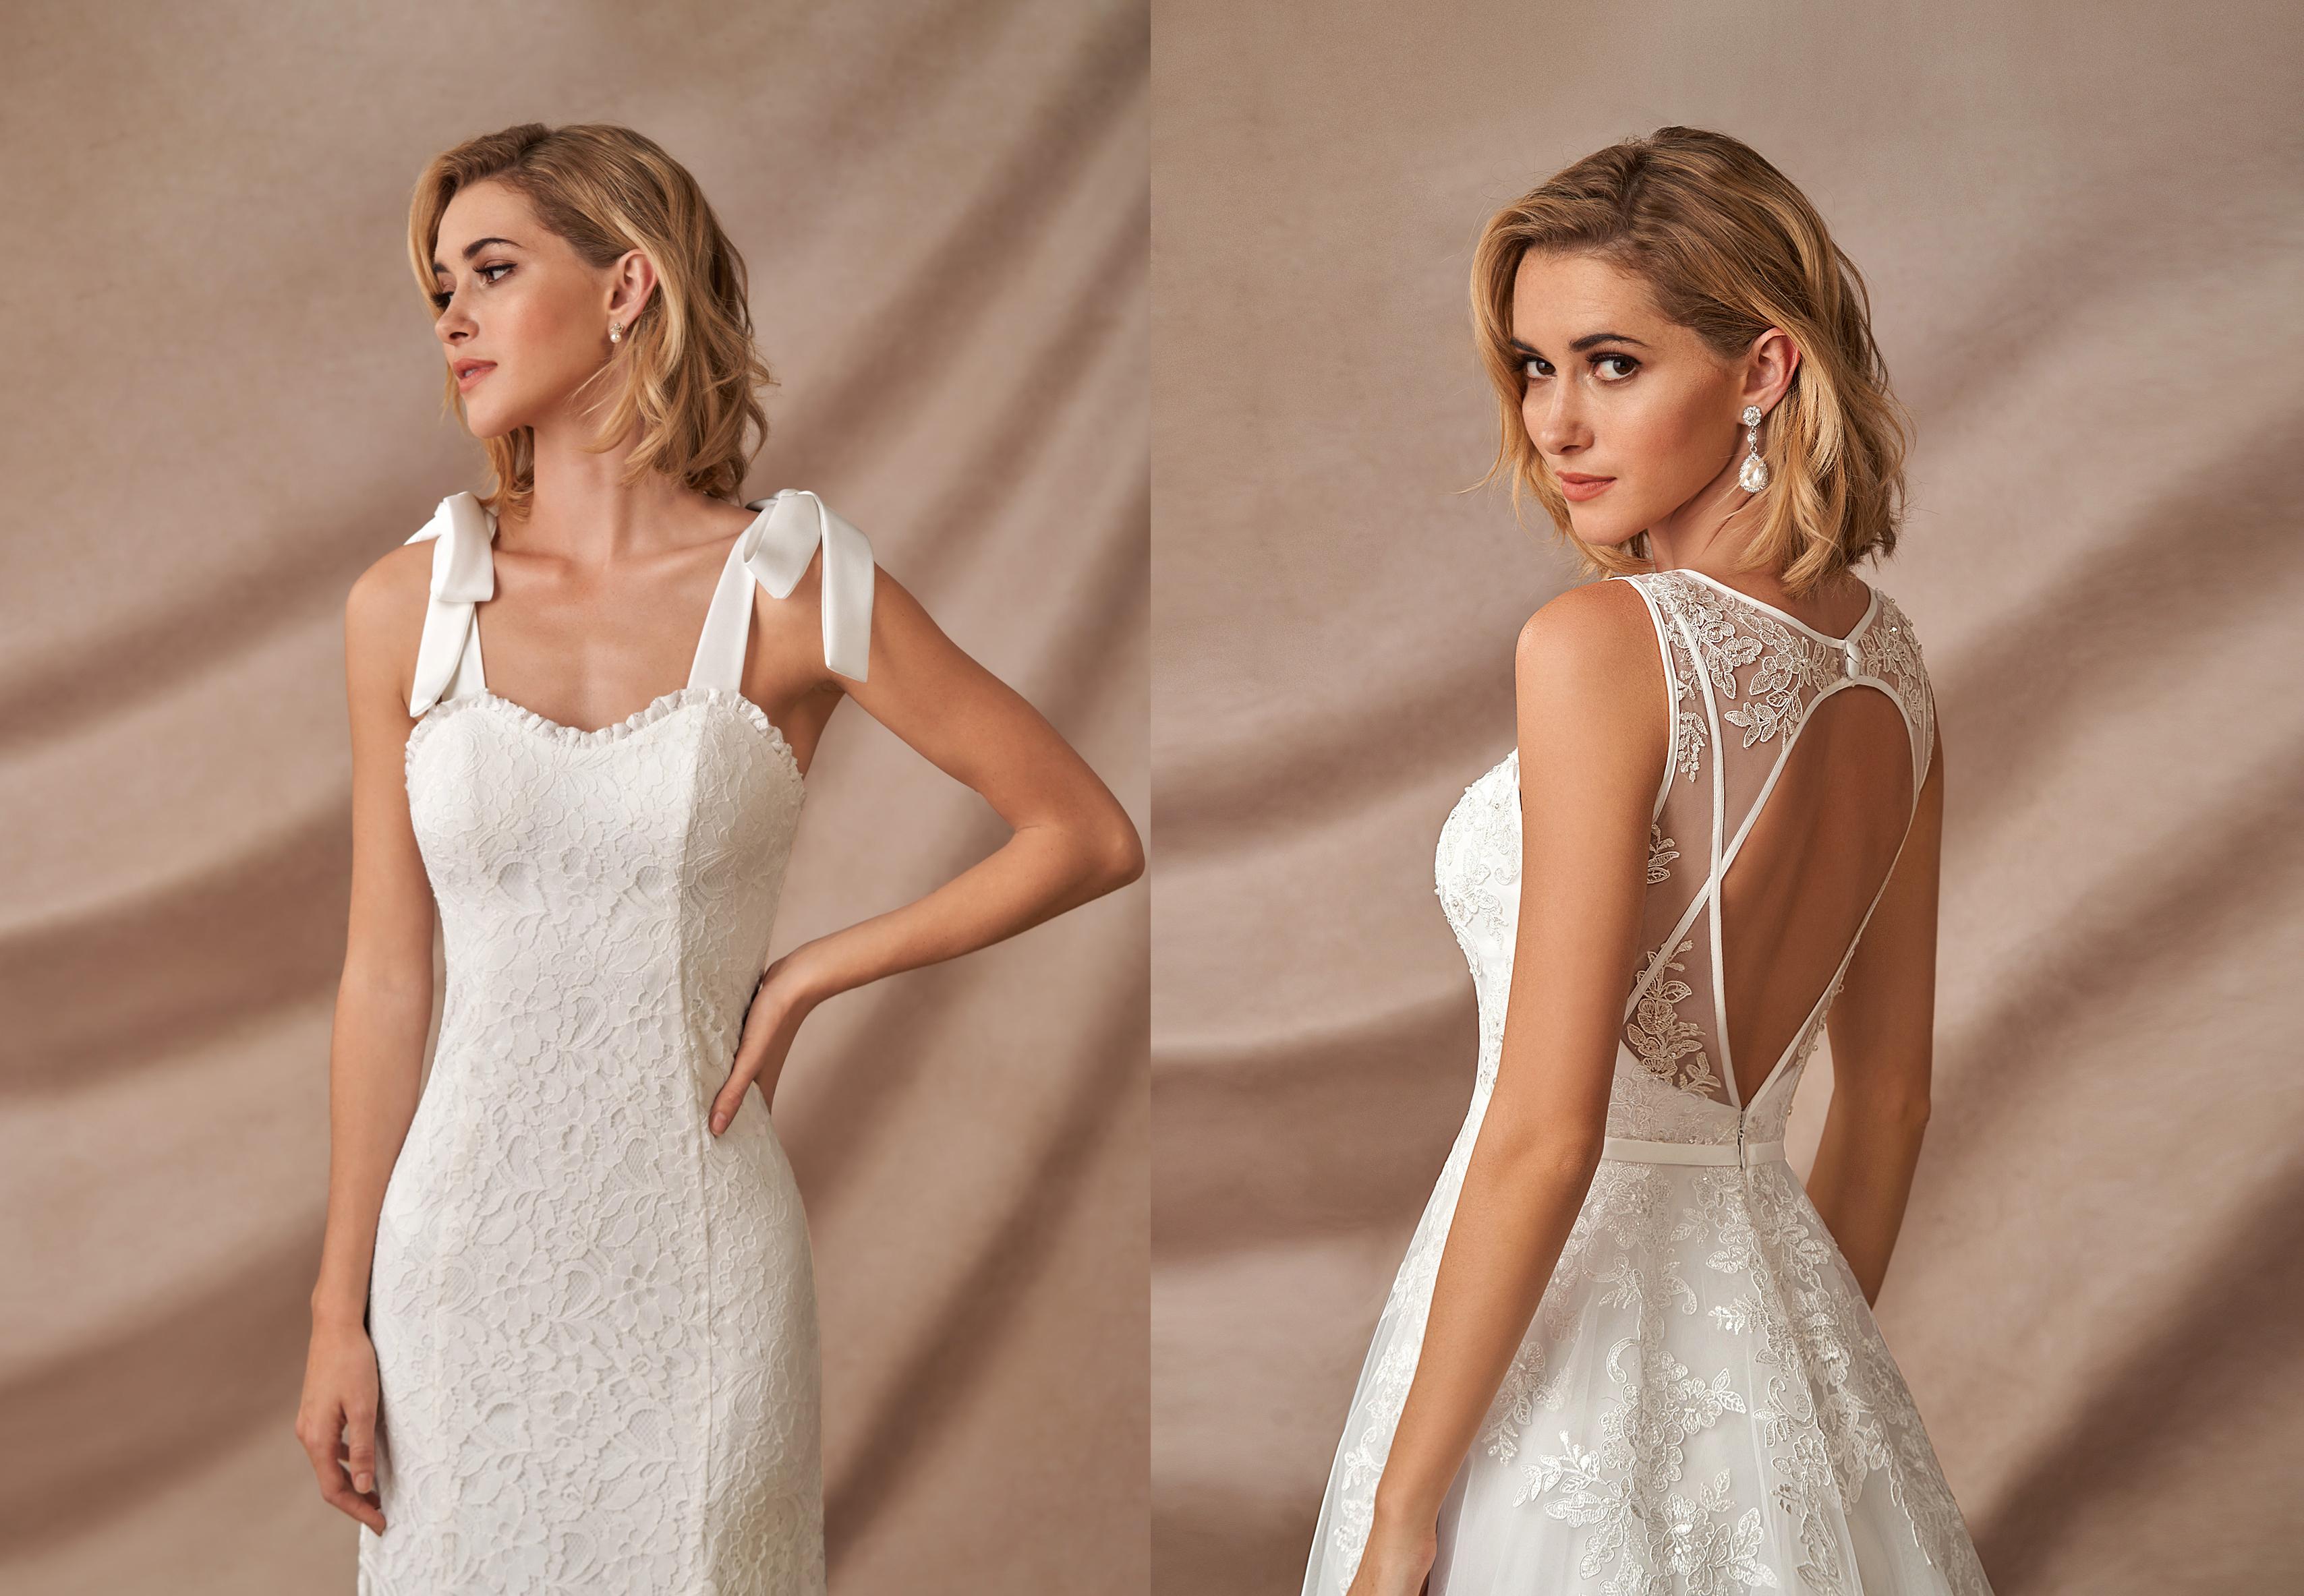 bridal gowns, azazie, wedding dresses, discount, sale, coupon